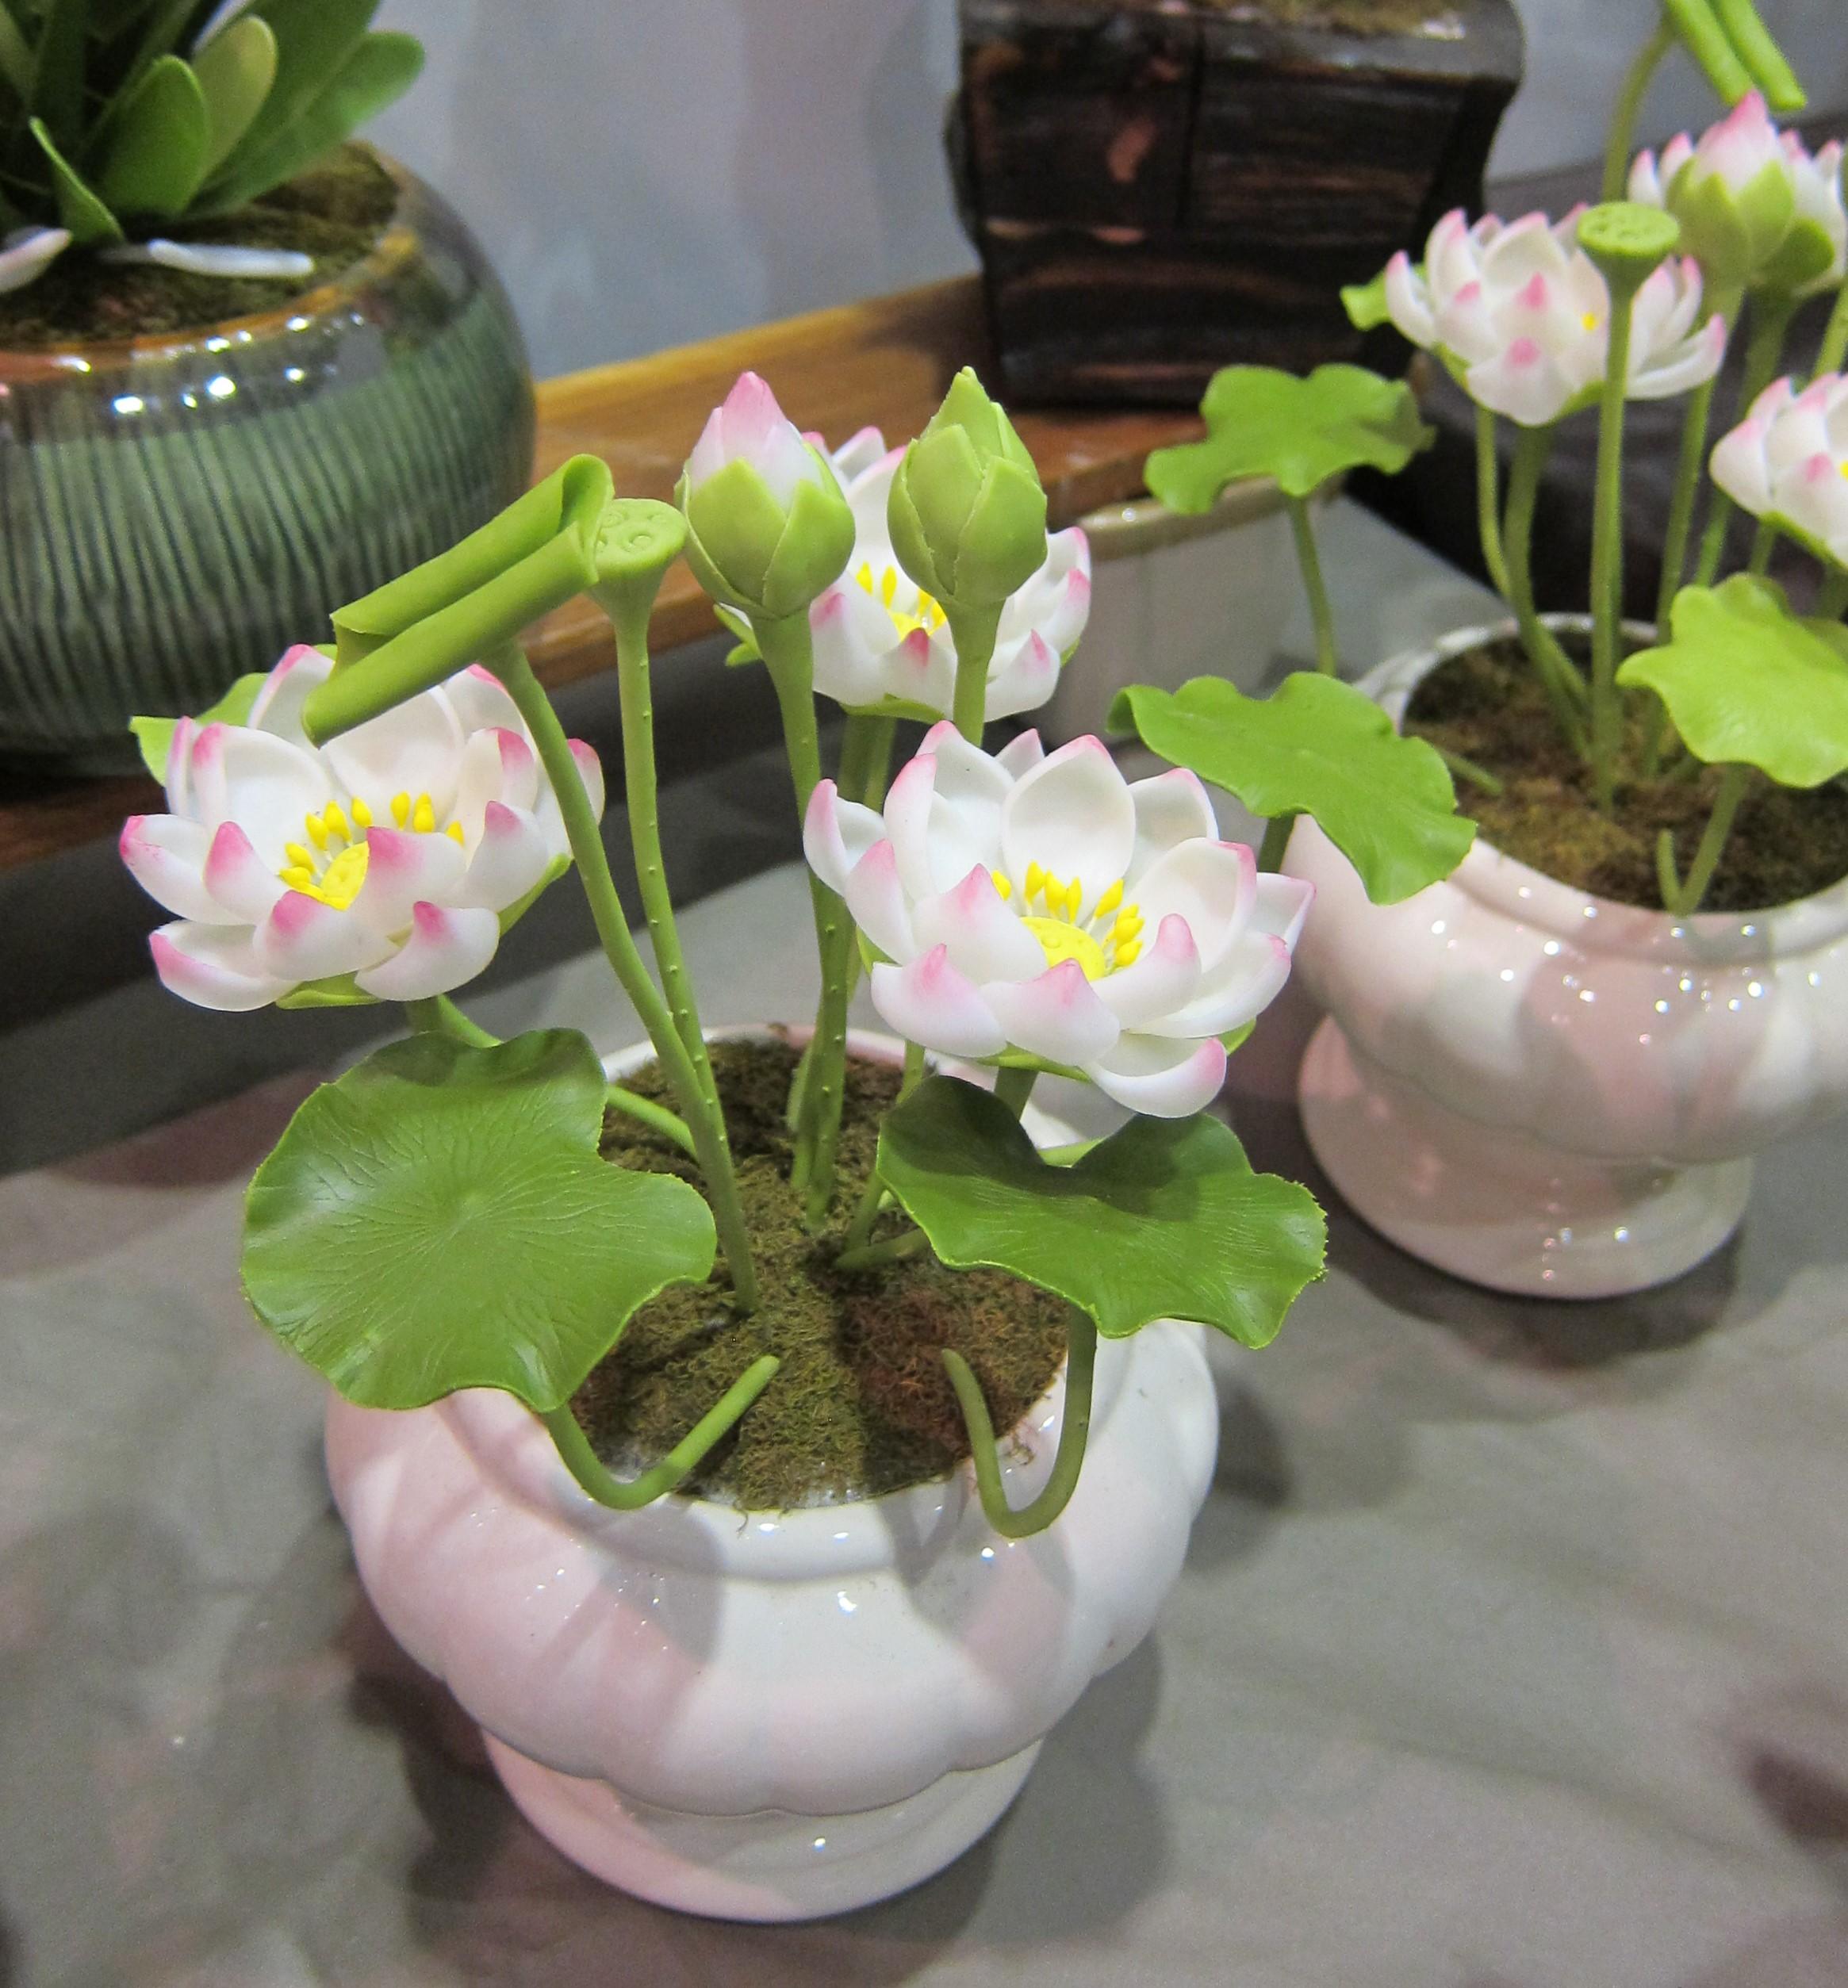 Lotus_3643